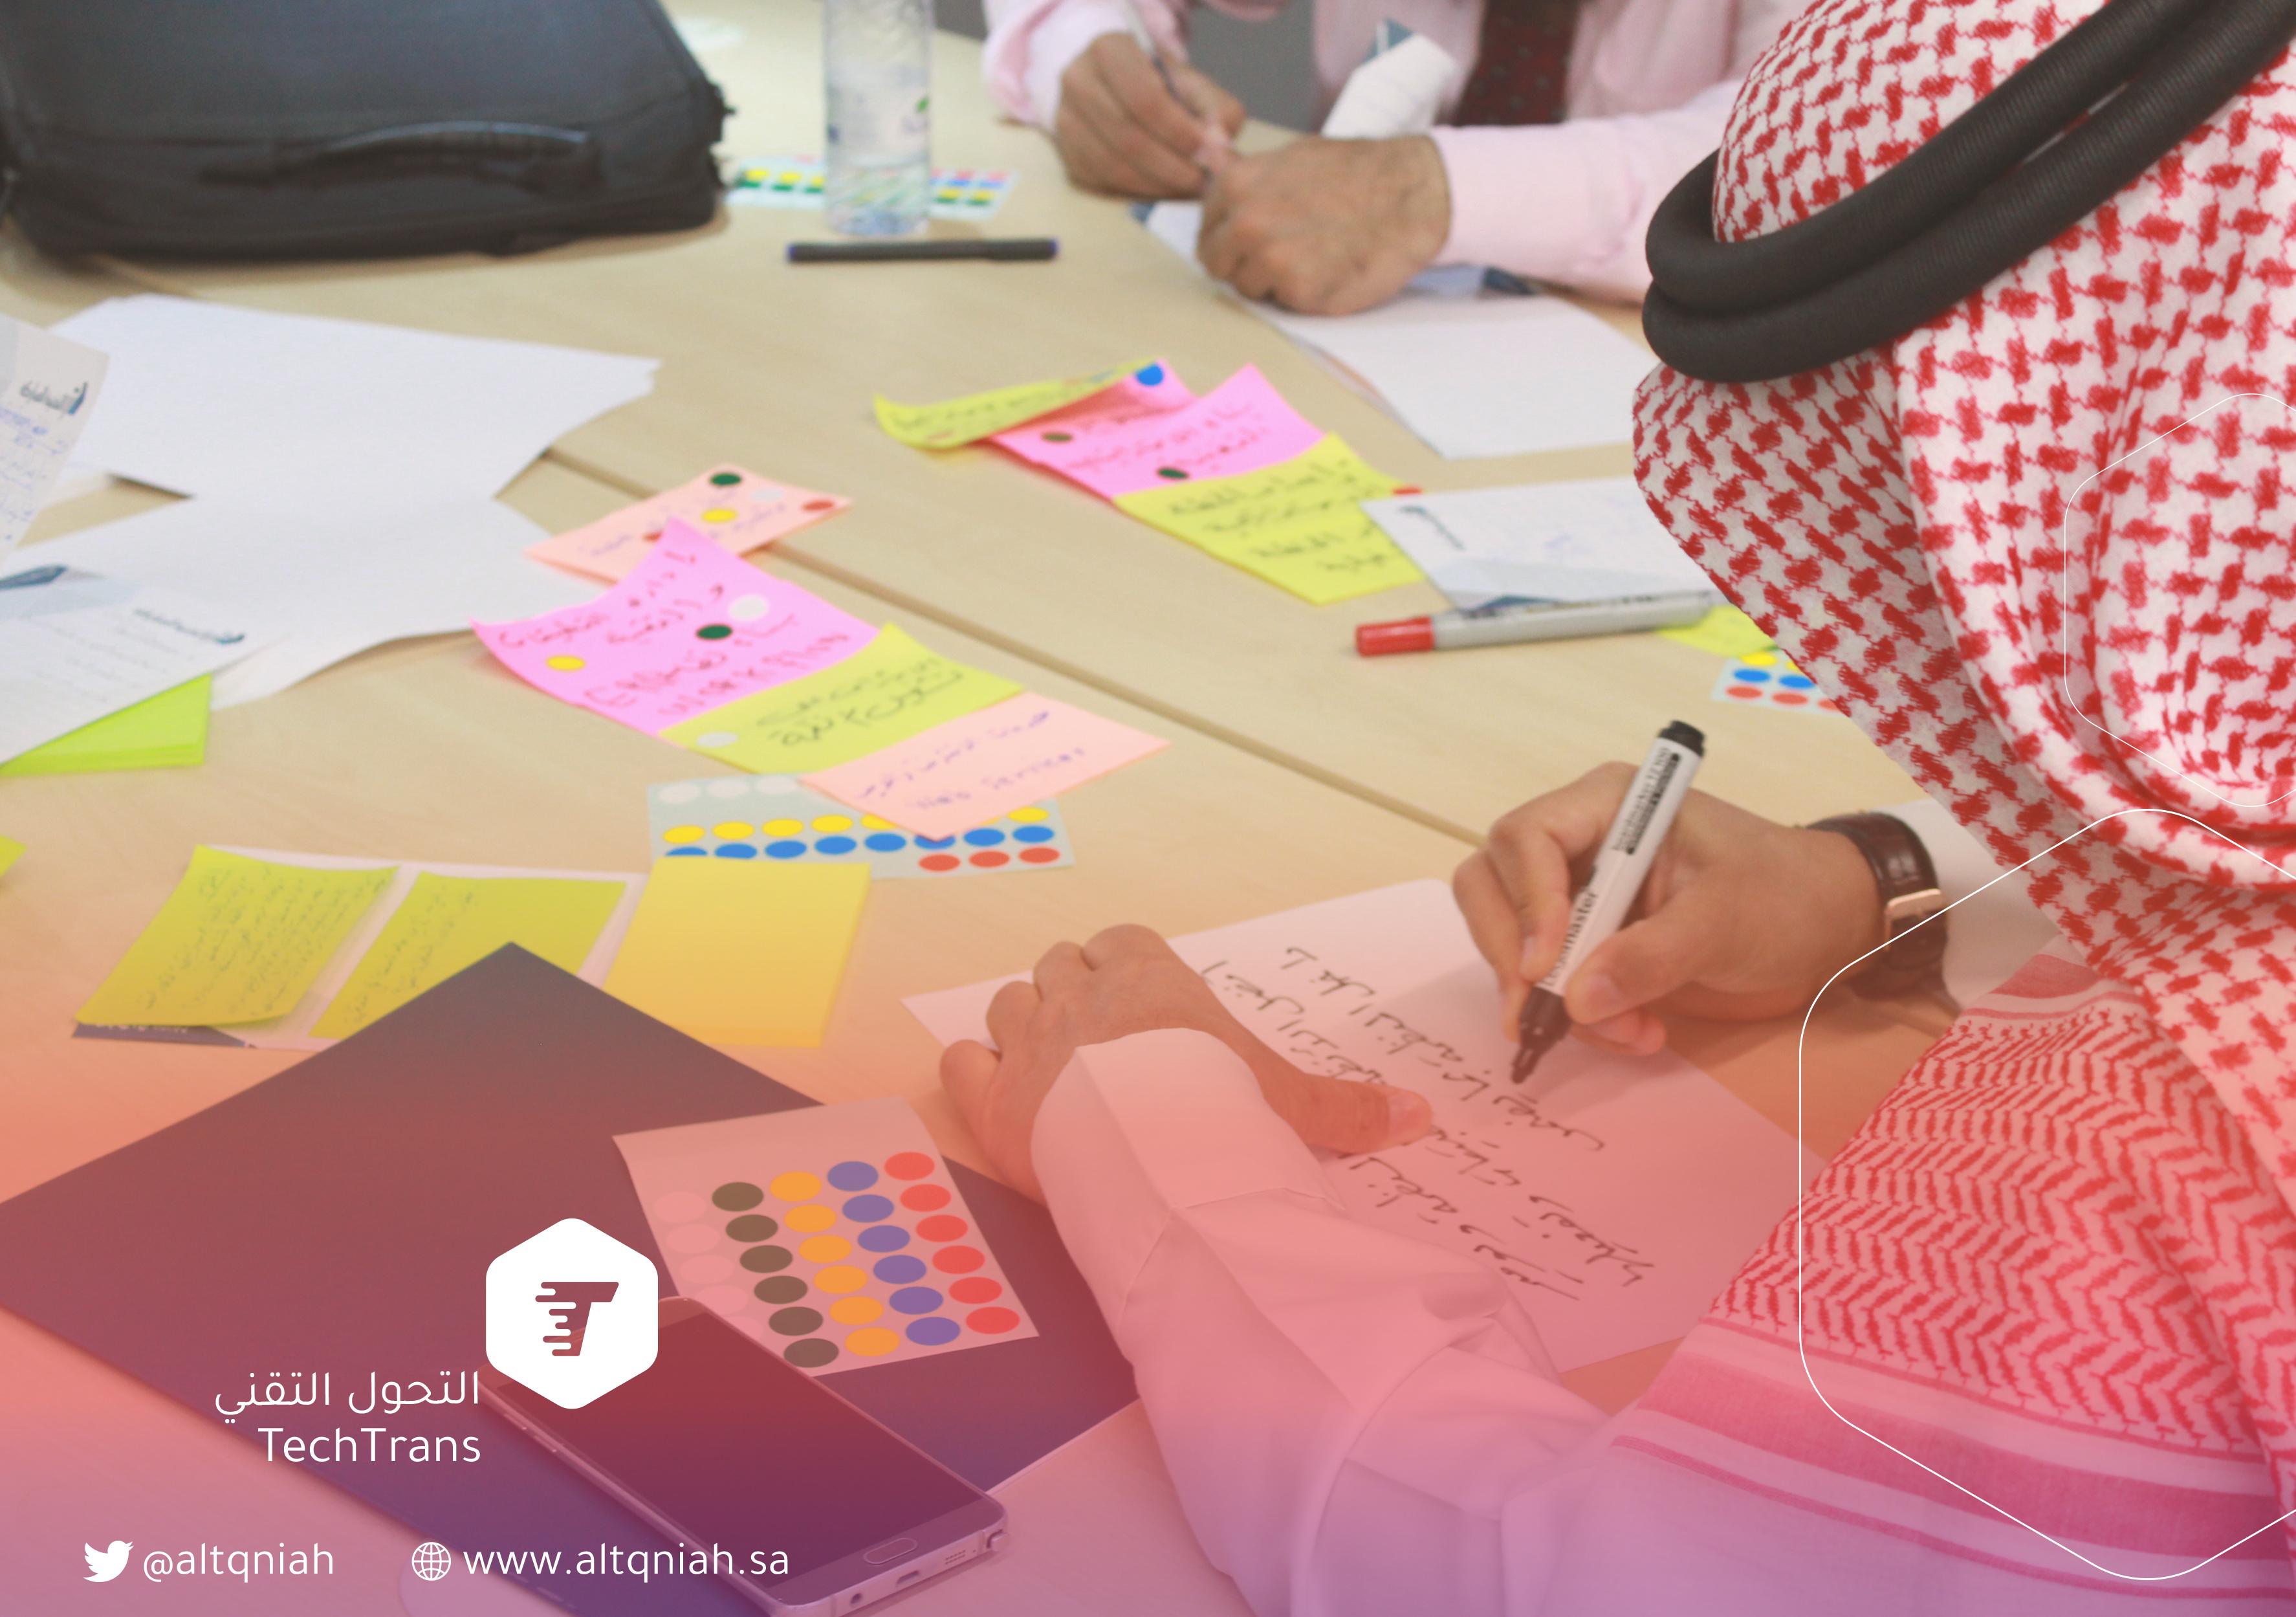 التحول التقني تعقد ورشة عمل إعداد وصناعة معيار وظيفي لمسؤولي وقيادات التقنية في القطاع غير الربحي